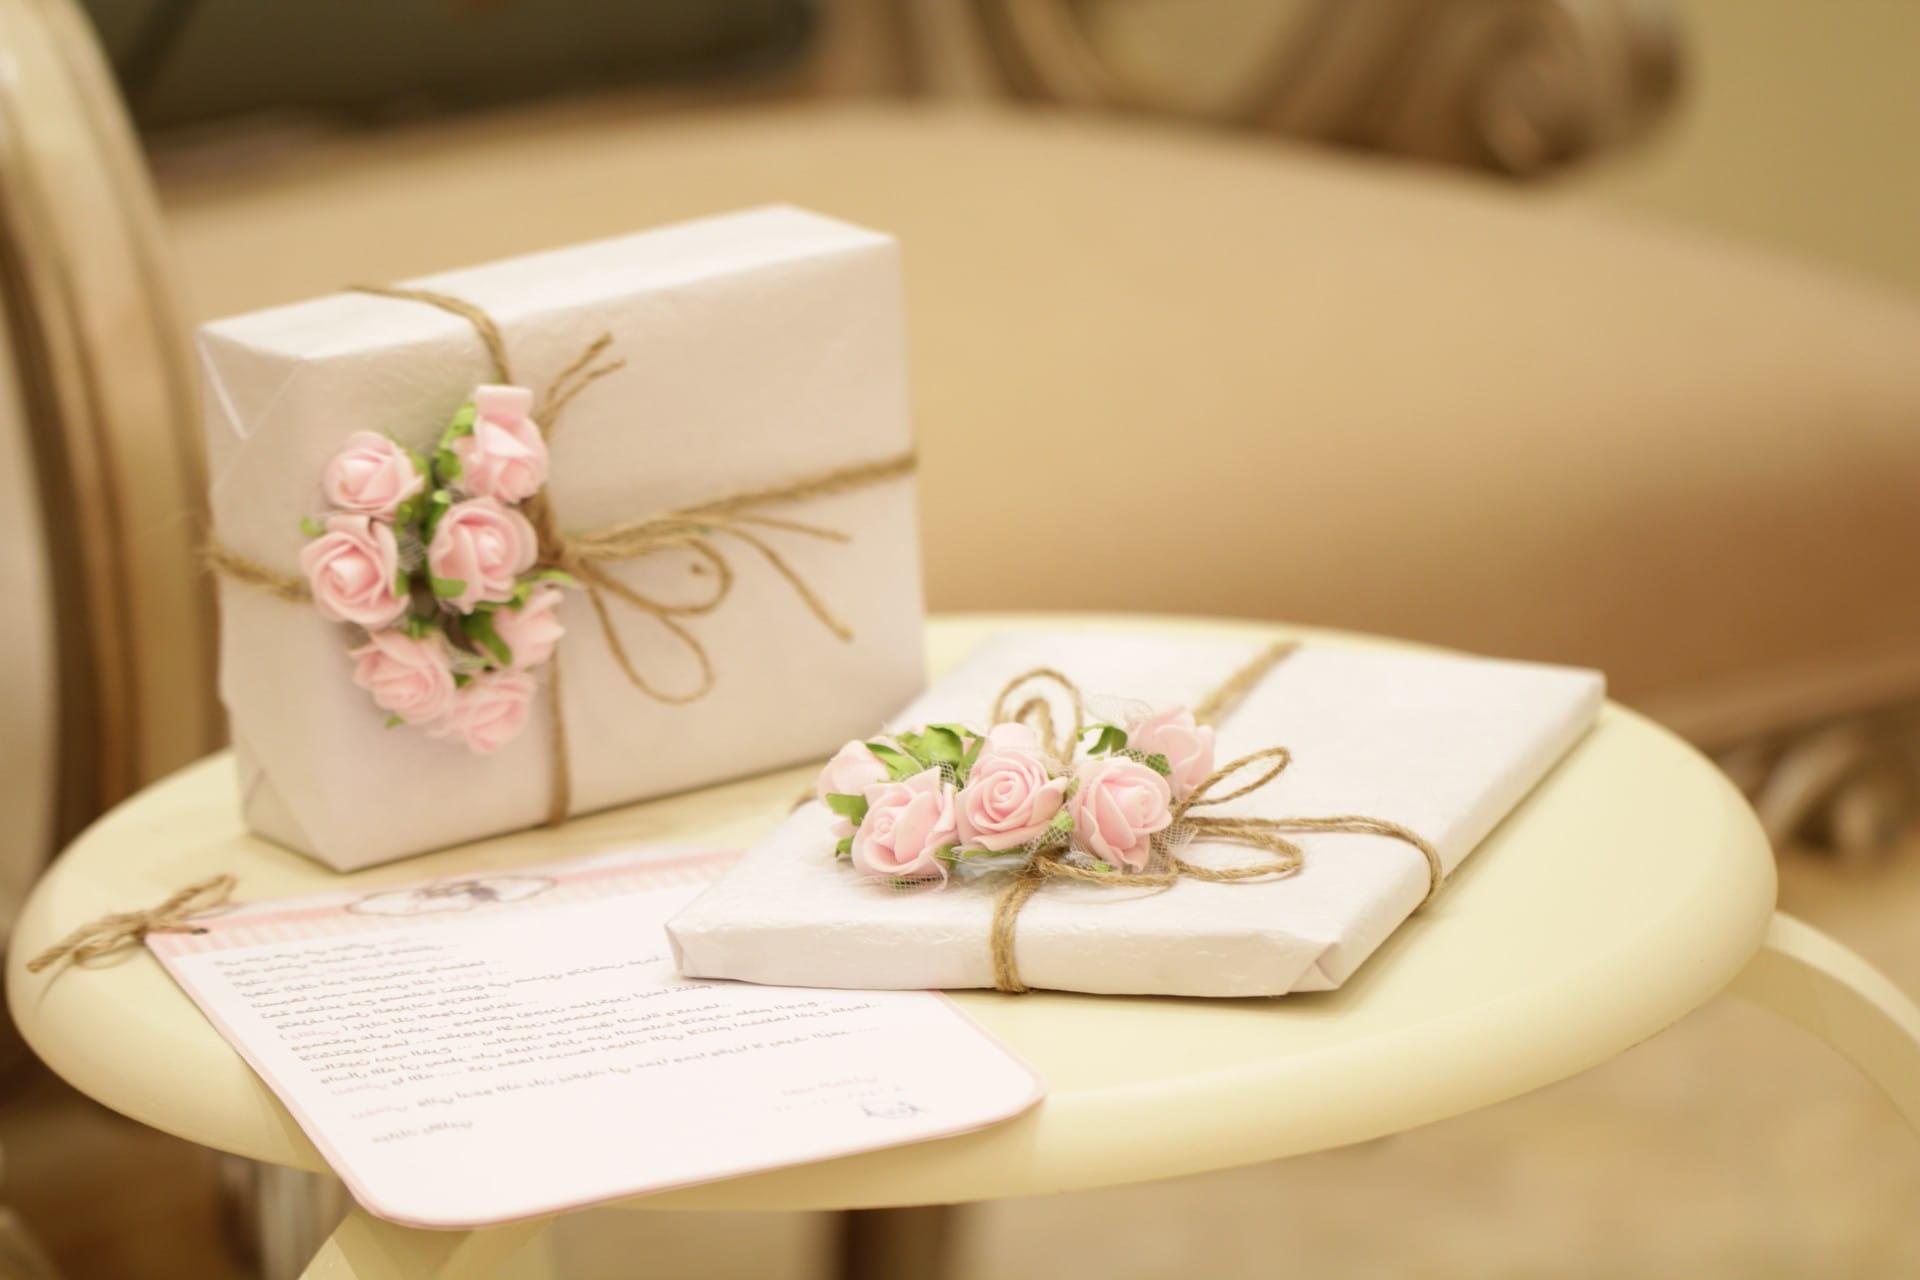 Verpackte Geschenke, die mit Rosen dekoriert sind